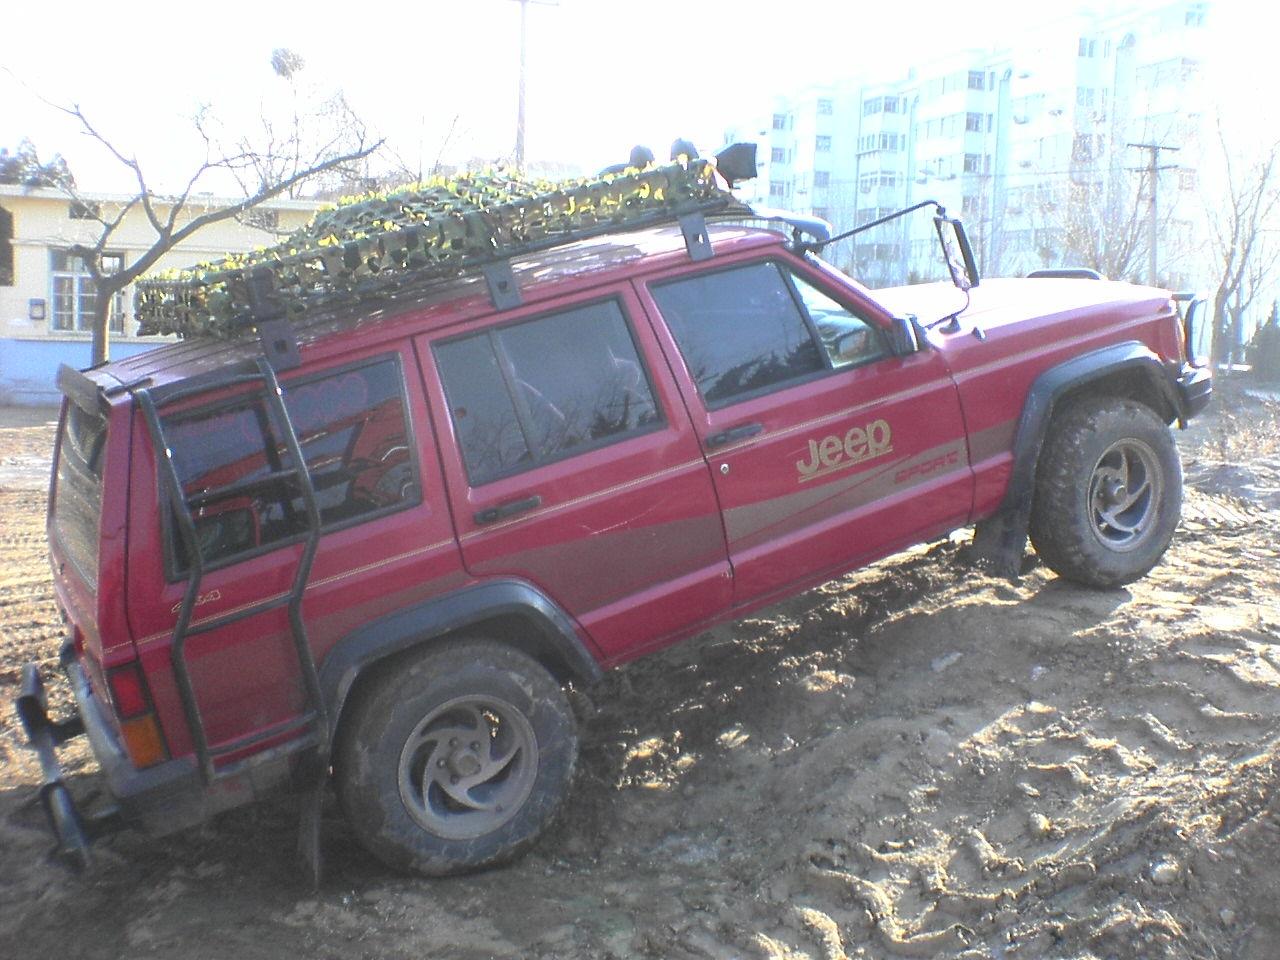 切诺基改装柴油发动机,改装柴油切诺基,柴油切诺基213改装,高清图片